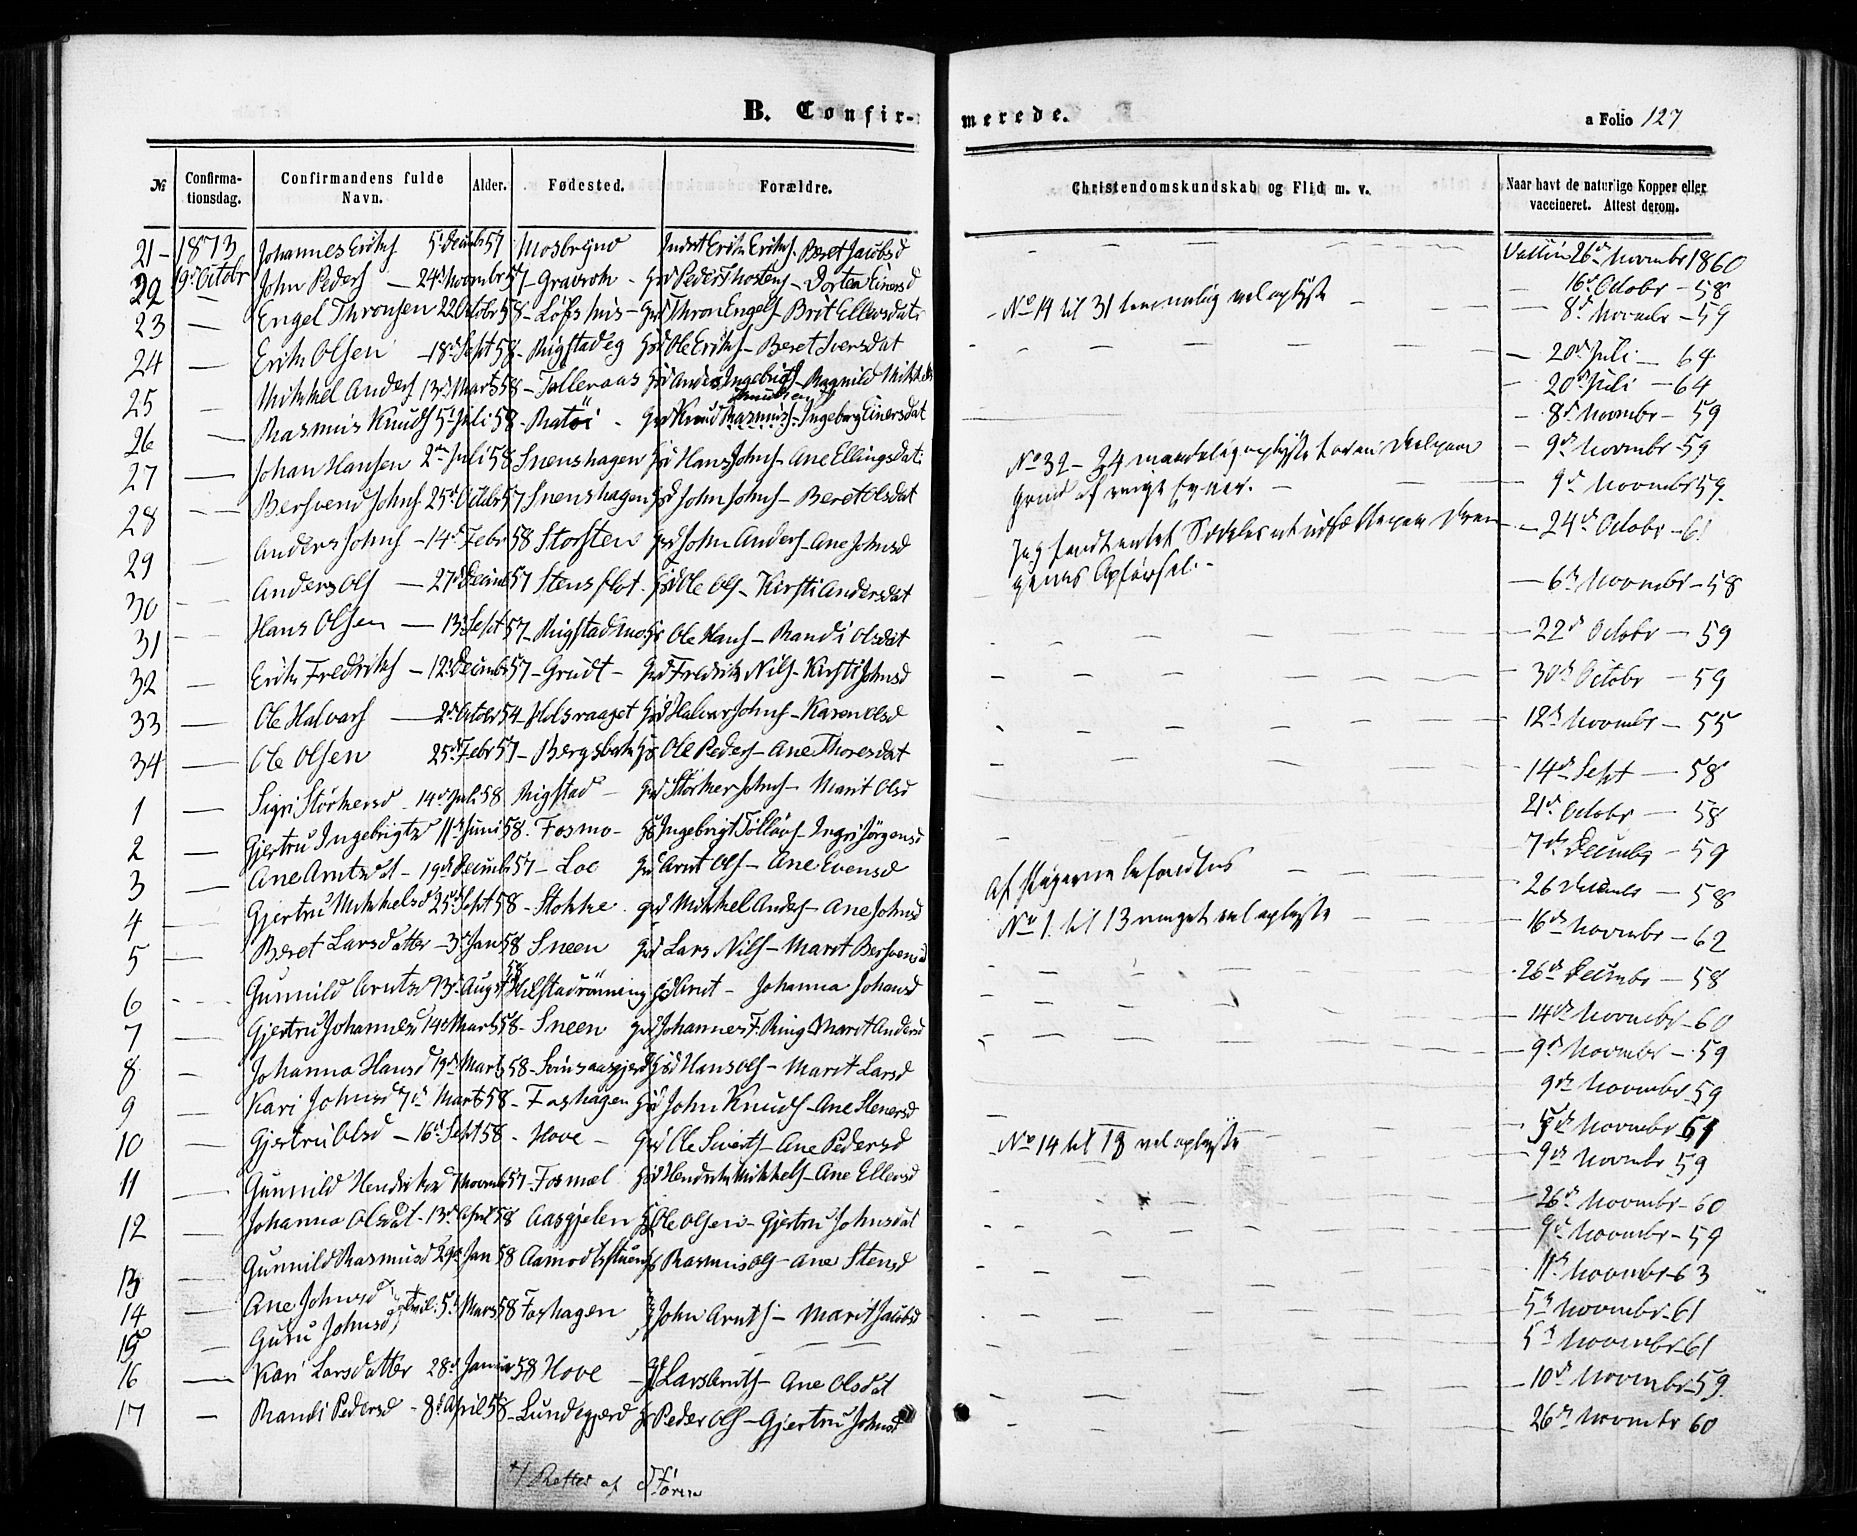 SAT, Ministerialprotokoller, klokkerbøker og fødselsregistre - Sør-Trøndelag, 672/L0856: Ministerialbok nr. 672A08, 1861-1881, s. 127